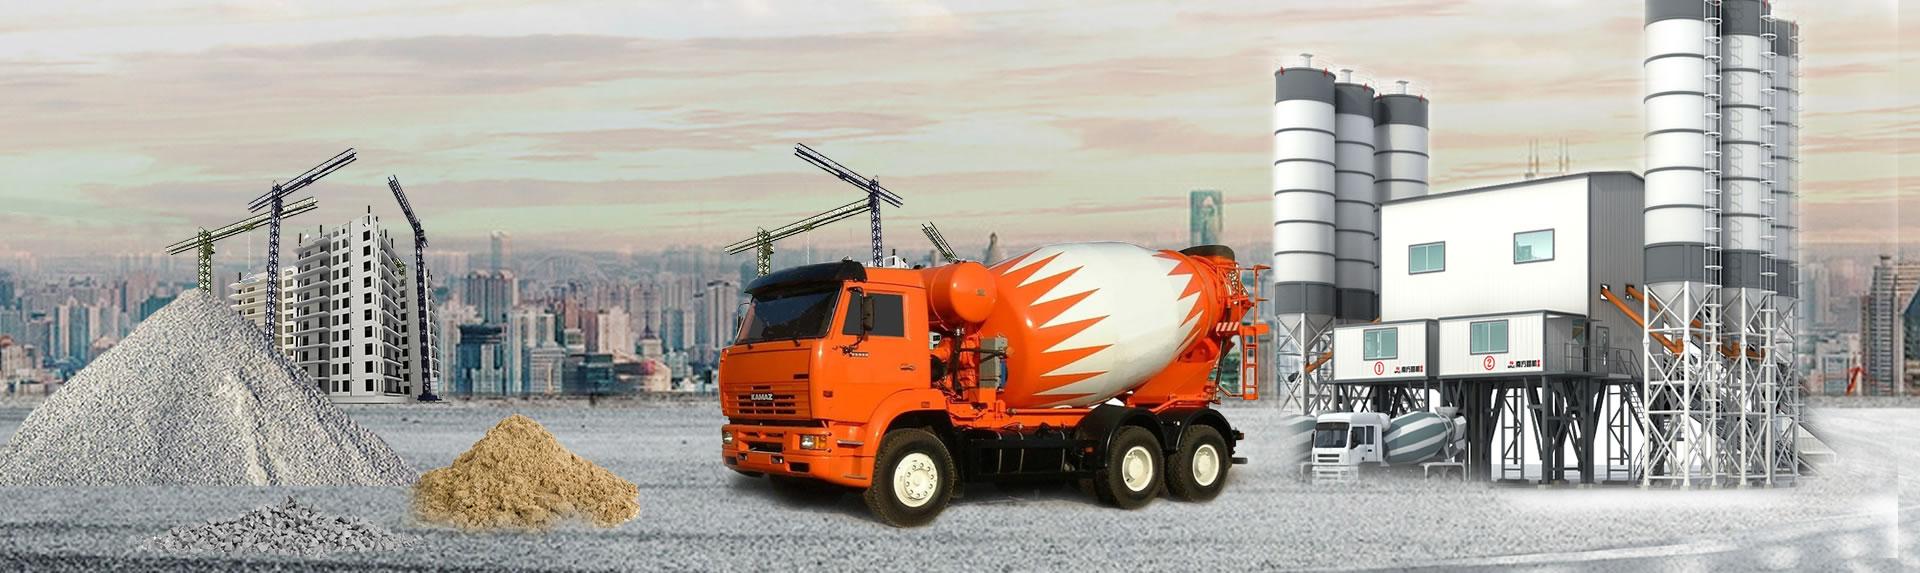 заказать миксер бетона в калининграде